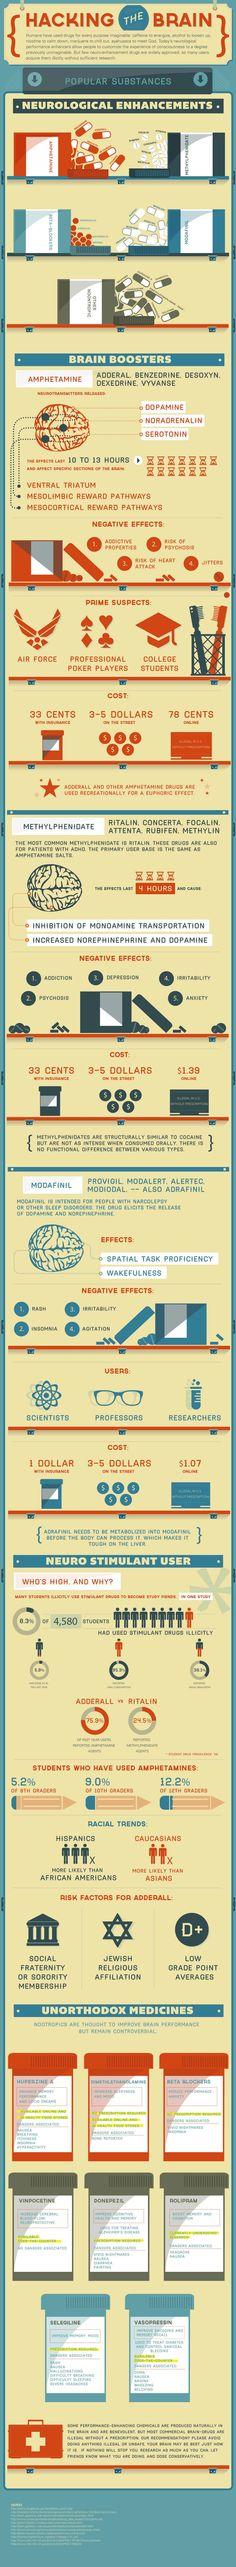 E' possibile modificare il funzionamento del cervello umano? Un'infografica spiega cos'è il brain hacking, cioè il doping del cervello, e spiega le sostanze da usare, con un prezzo incredibilmente basso. Ma il pericolo è davvero alto.